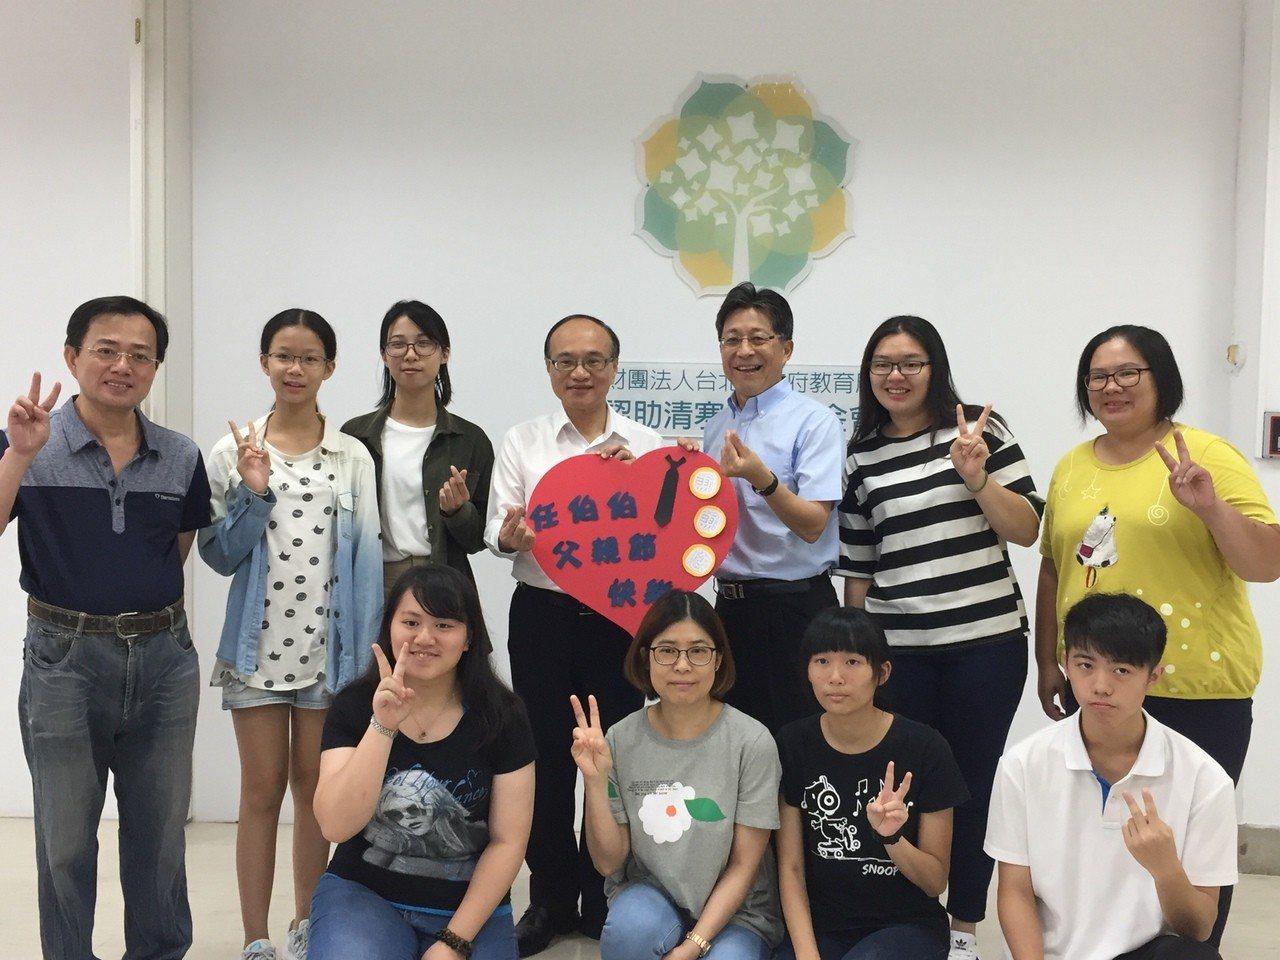 台北市教育局認助清寒學生基金會今舉辦捐助人與受助生相見歡。圖/台北市教育局提供